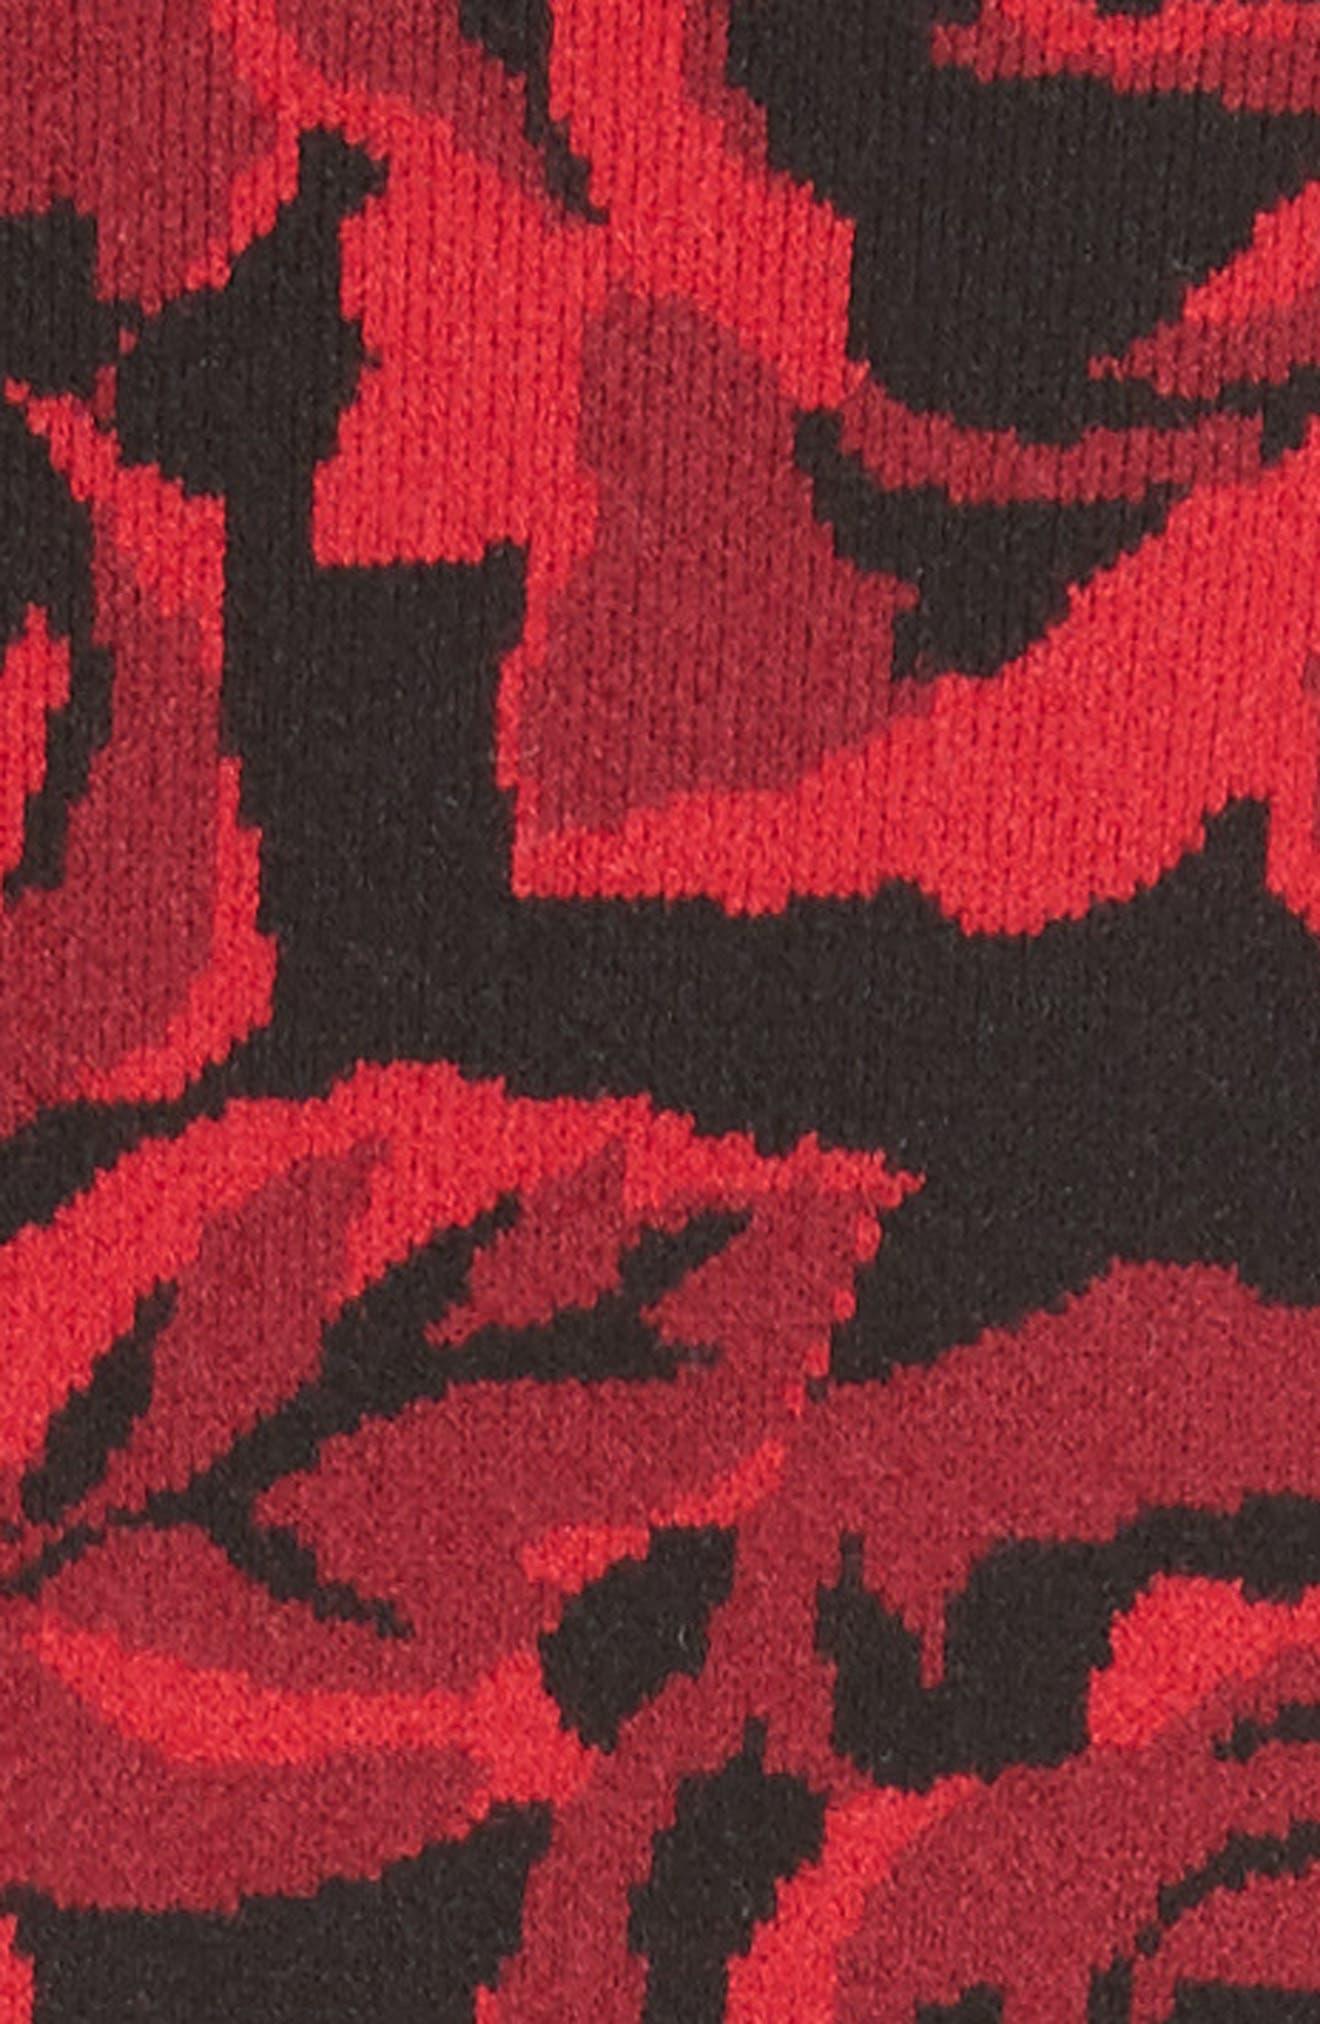 Rose Stretch Jacquard Shrug,                             Alternate thumbnail 5, color,                             611